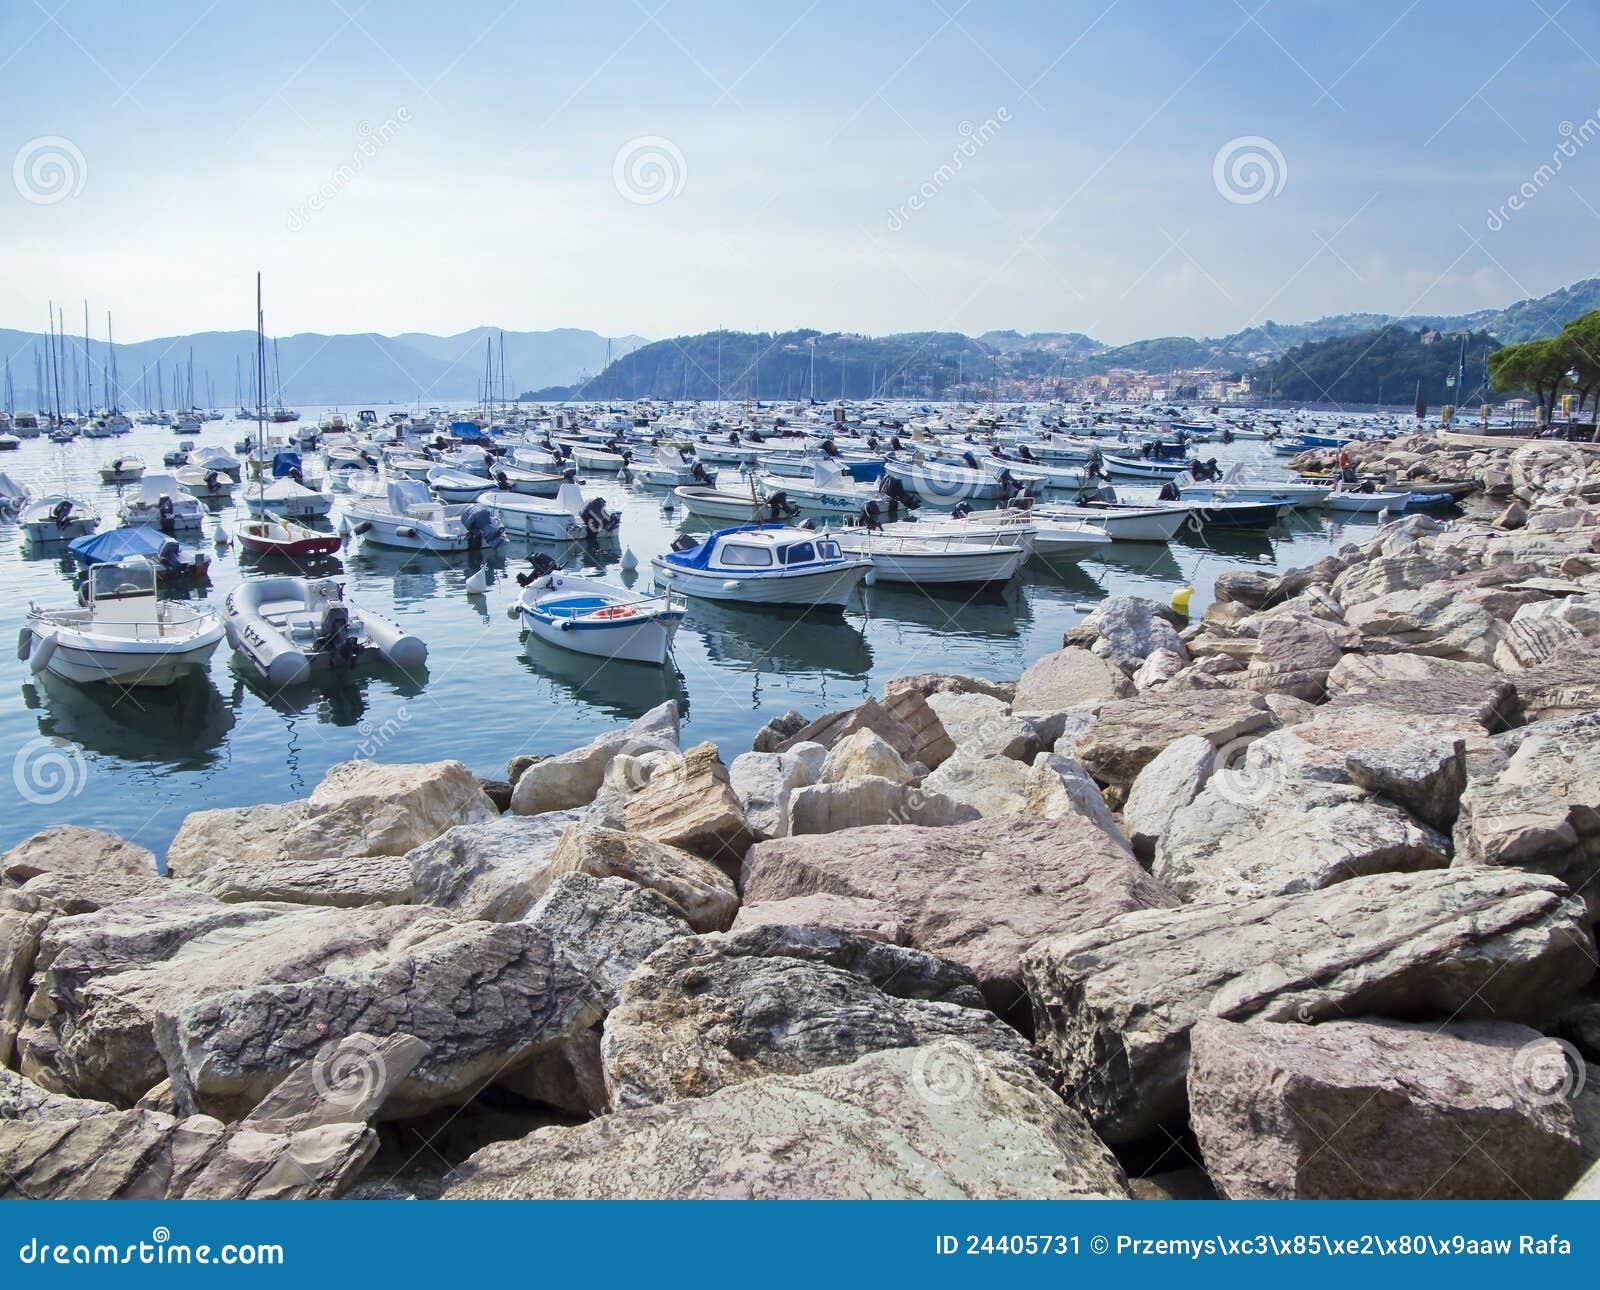 Porto di Lerici. La Spezia. Liguria. Italy.